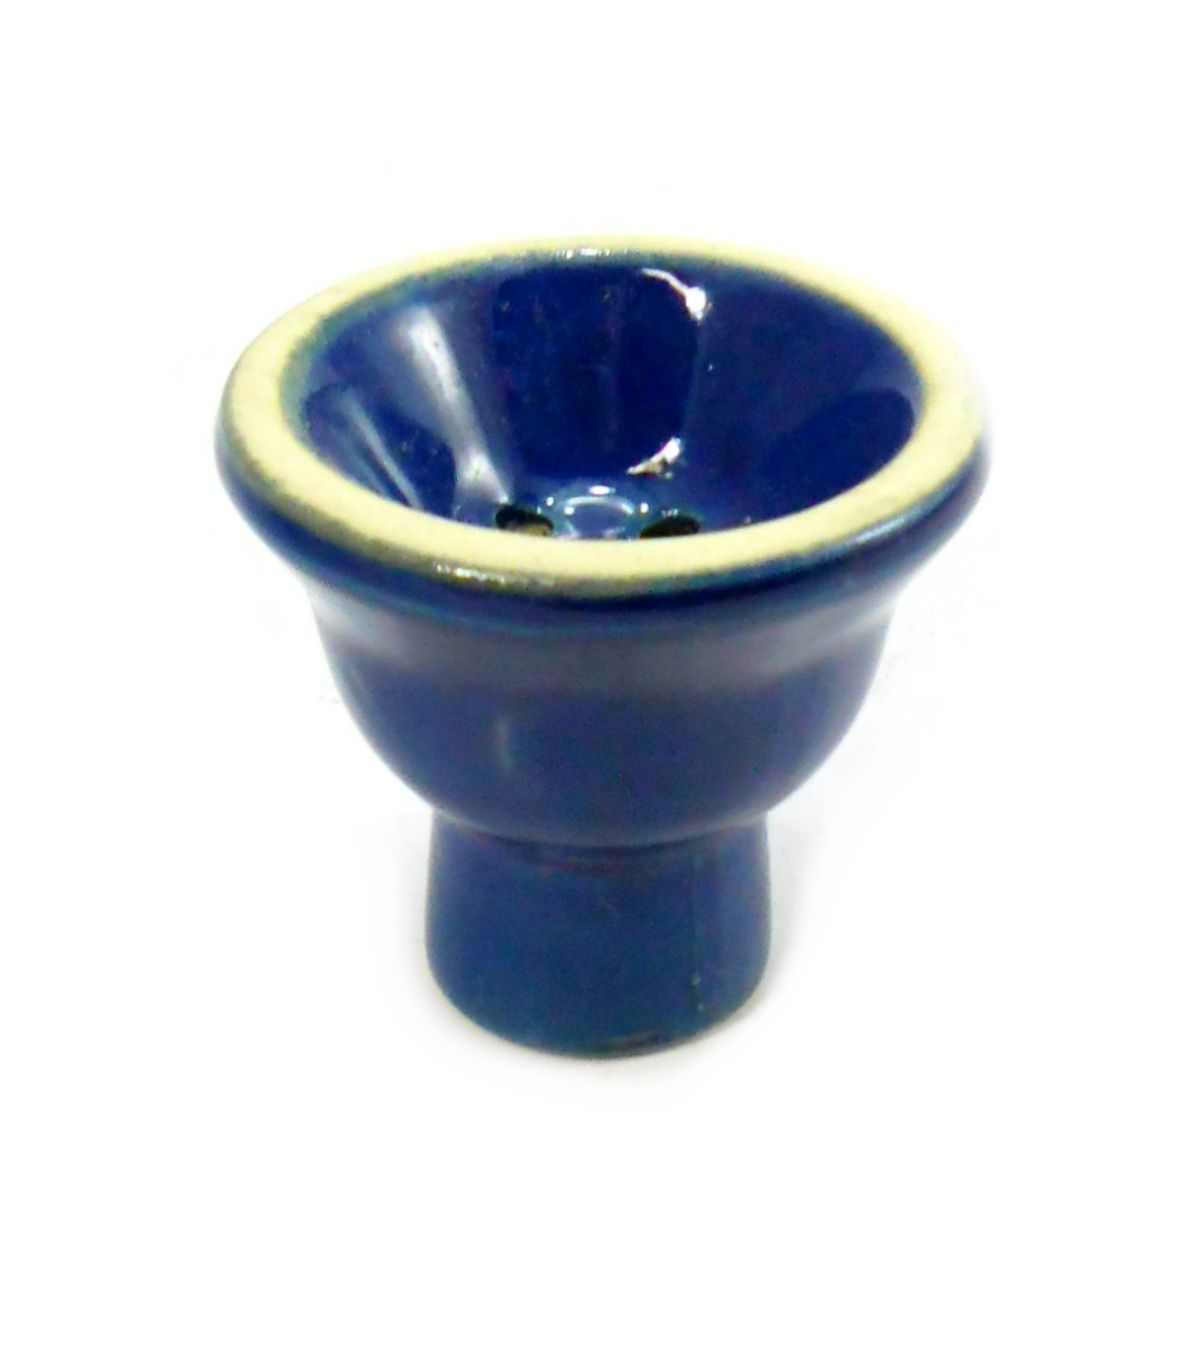 Fornilho/Rosh para narguile, em cerâmica, modelo tradicional (5 furos). 6,0cm alt., 6,0cm de diâm. Azul